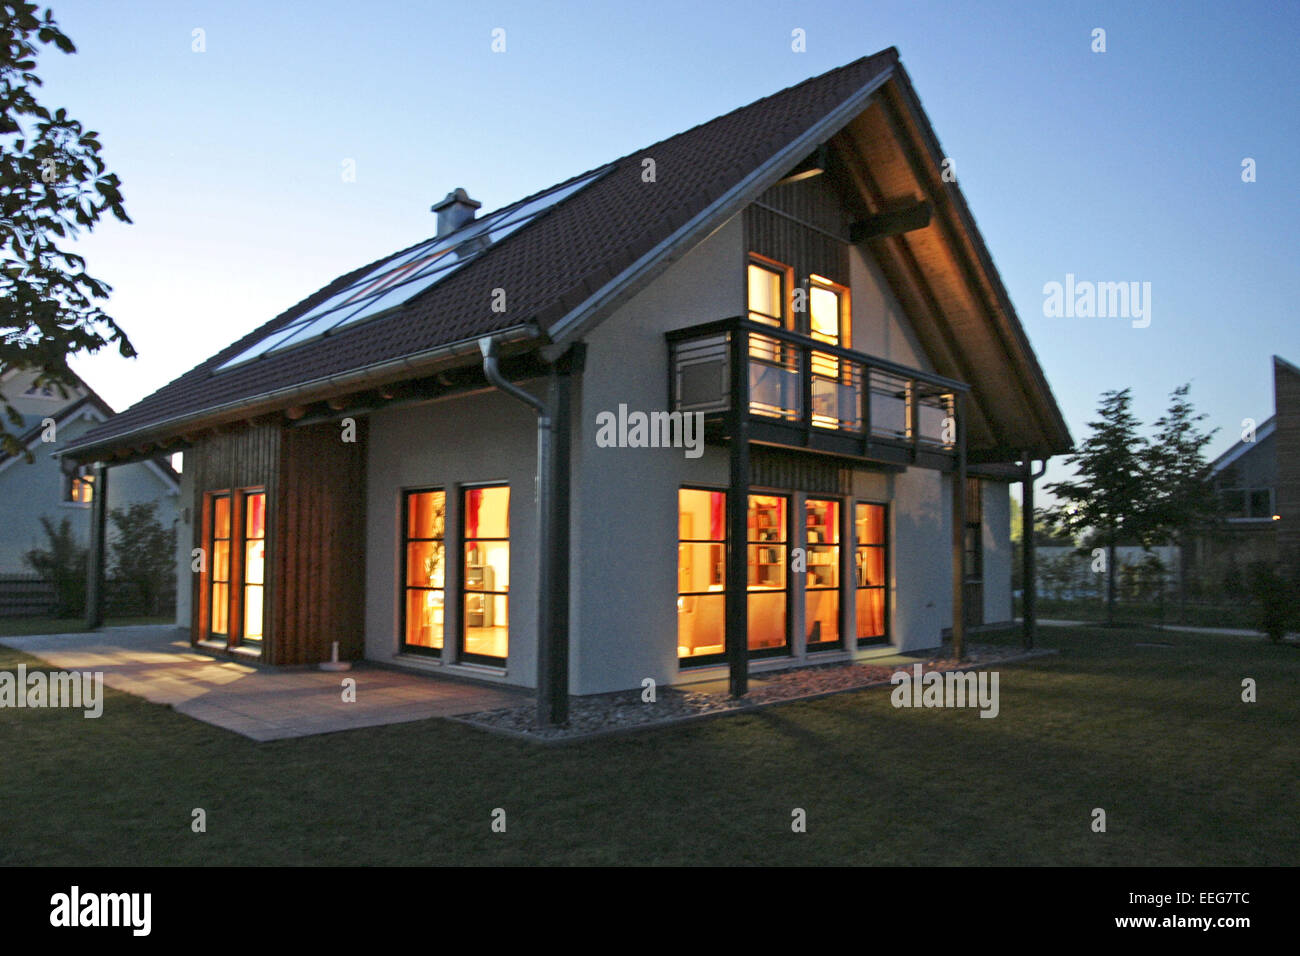 einfamilienhaus bei nacht beleuchtet architektur haus wohnhaus stock photo royalty free image. Black Bedroom Furniture Sets. Home Design Ideas